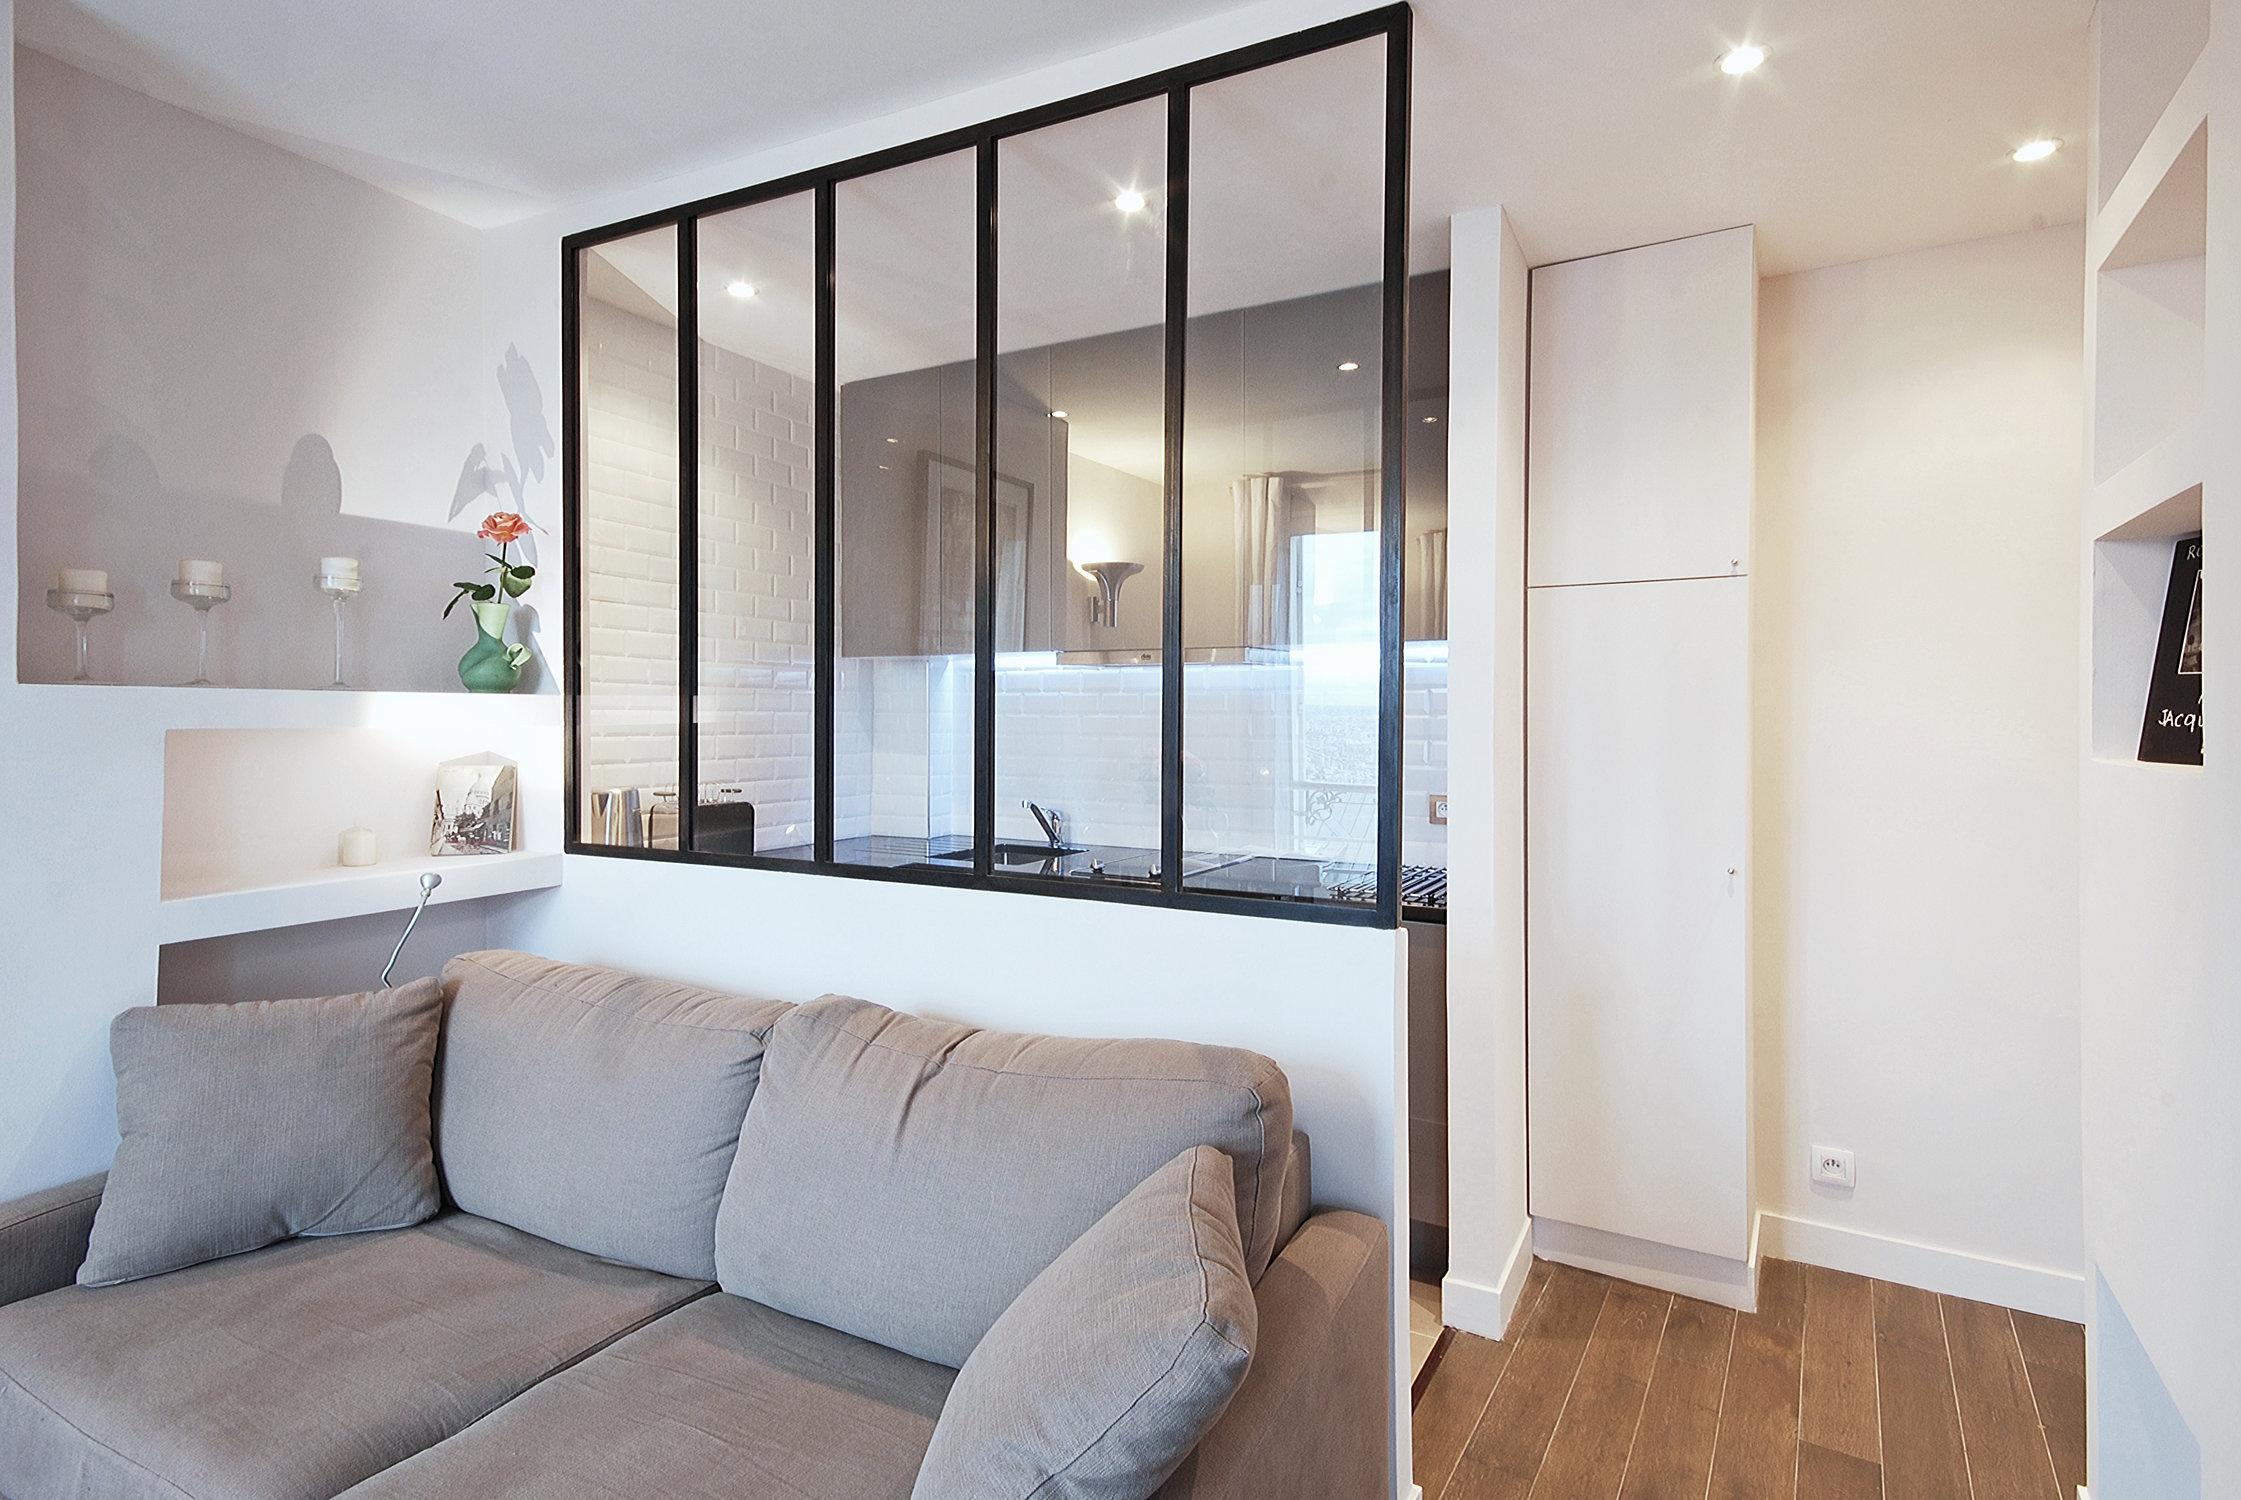 Architecte Decorateur Interieur Paris